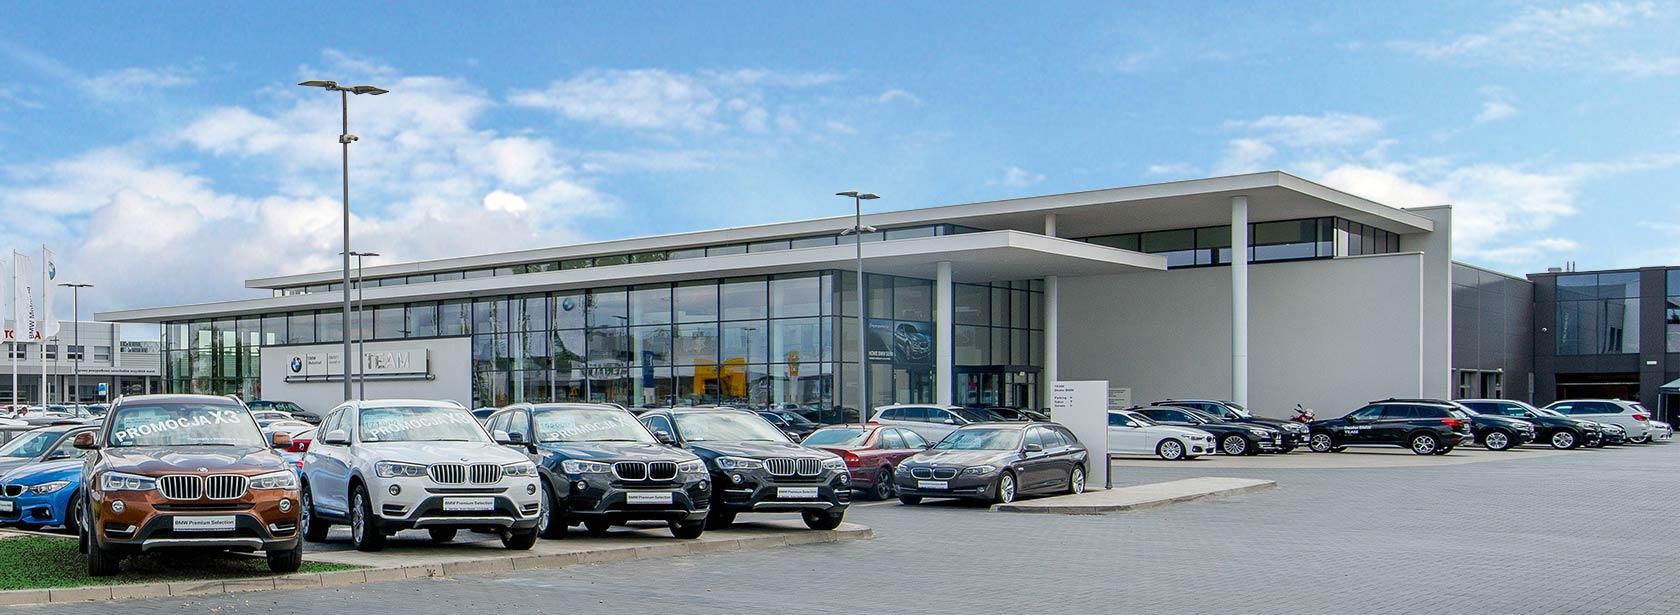 Gwarantowane używane- poznaj BMW Premium Selection